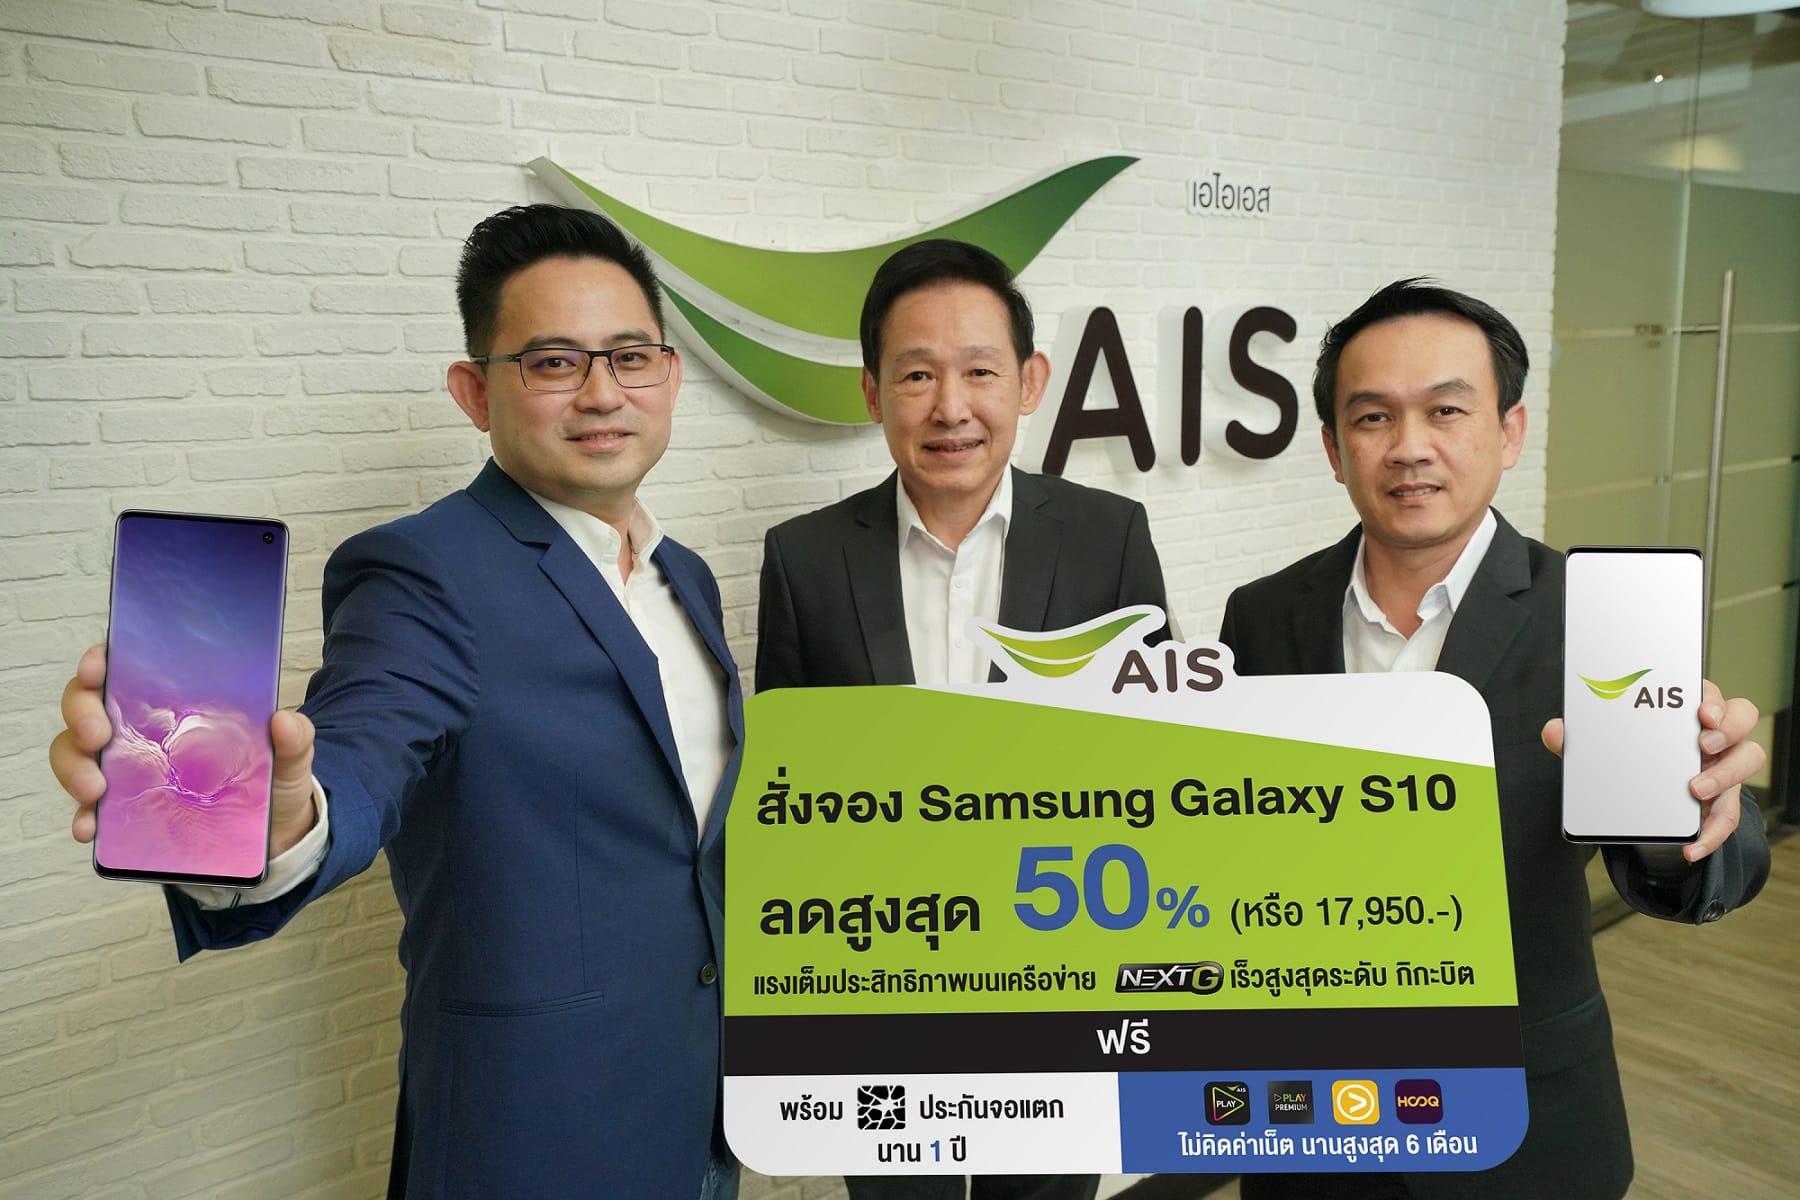 190221-Pic-AIS-x-Samsung-S10_01-1